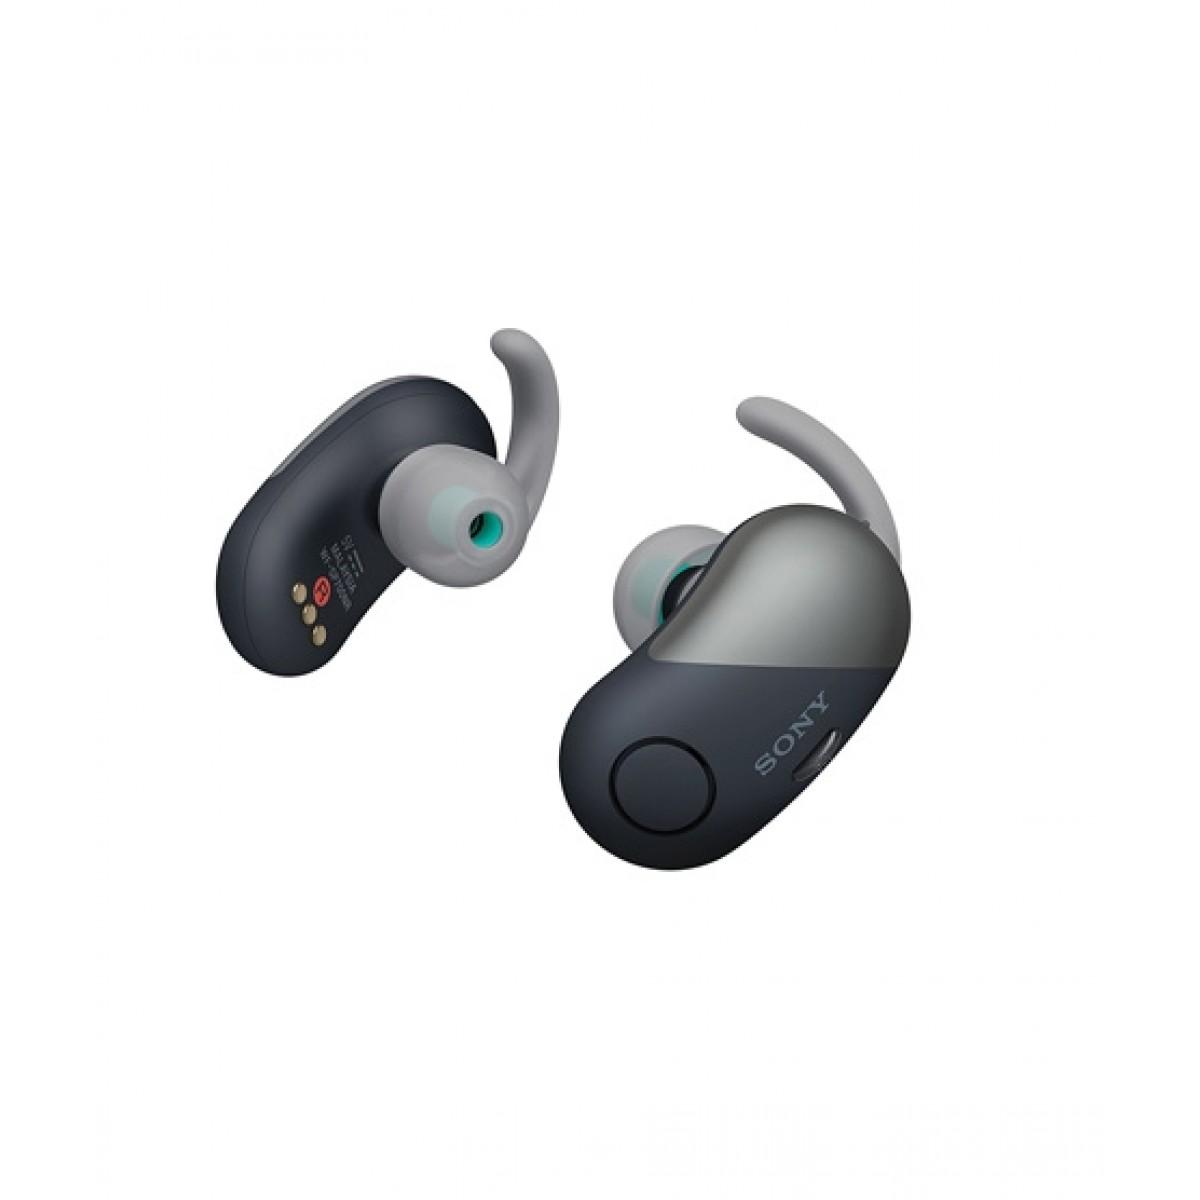 f0b7a04f6af Sony SP700N Wireless Headphones Price in Pakistan | Buy Sony SP700N  Wireless Noise Canceling In-Ear Headphones | iShopping.pk